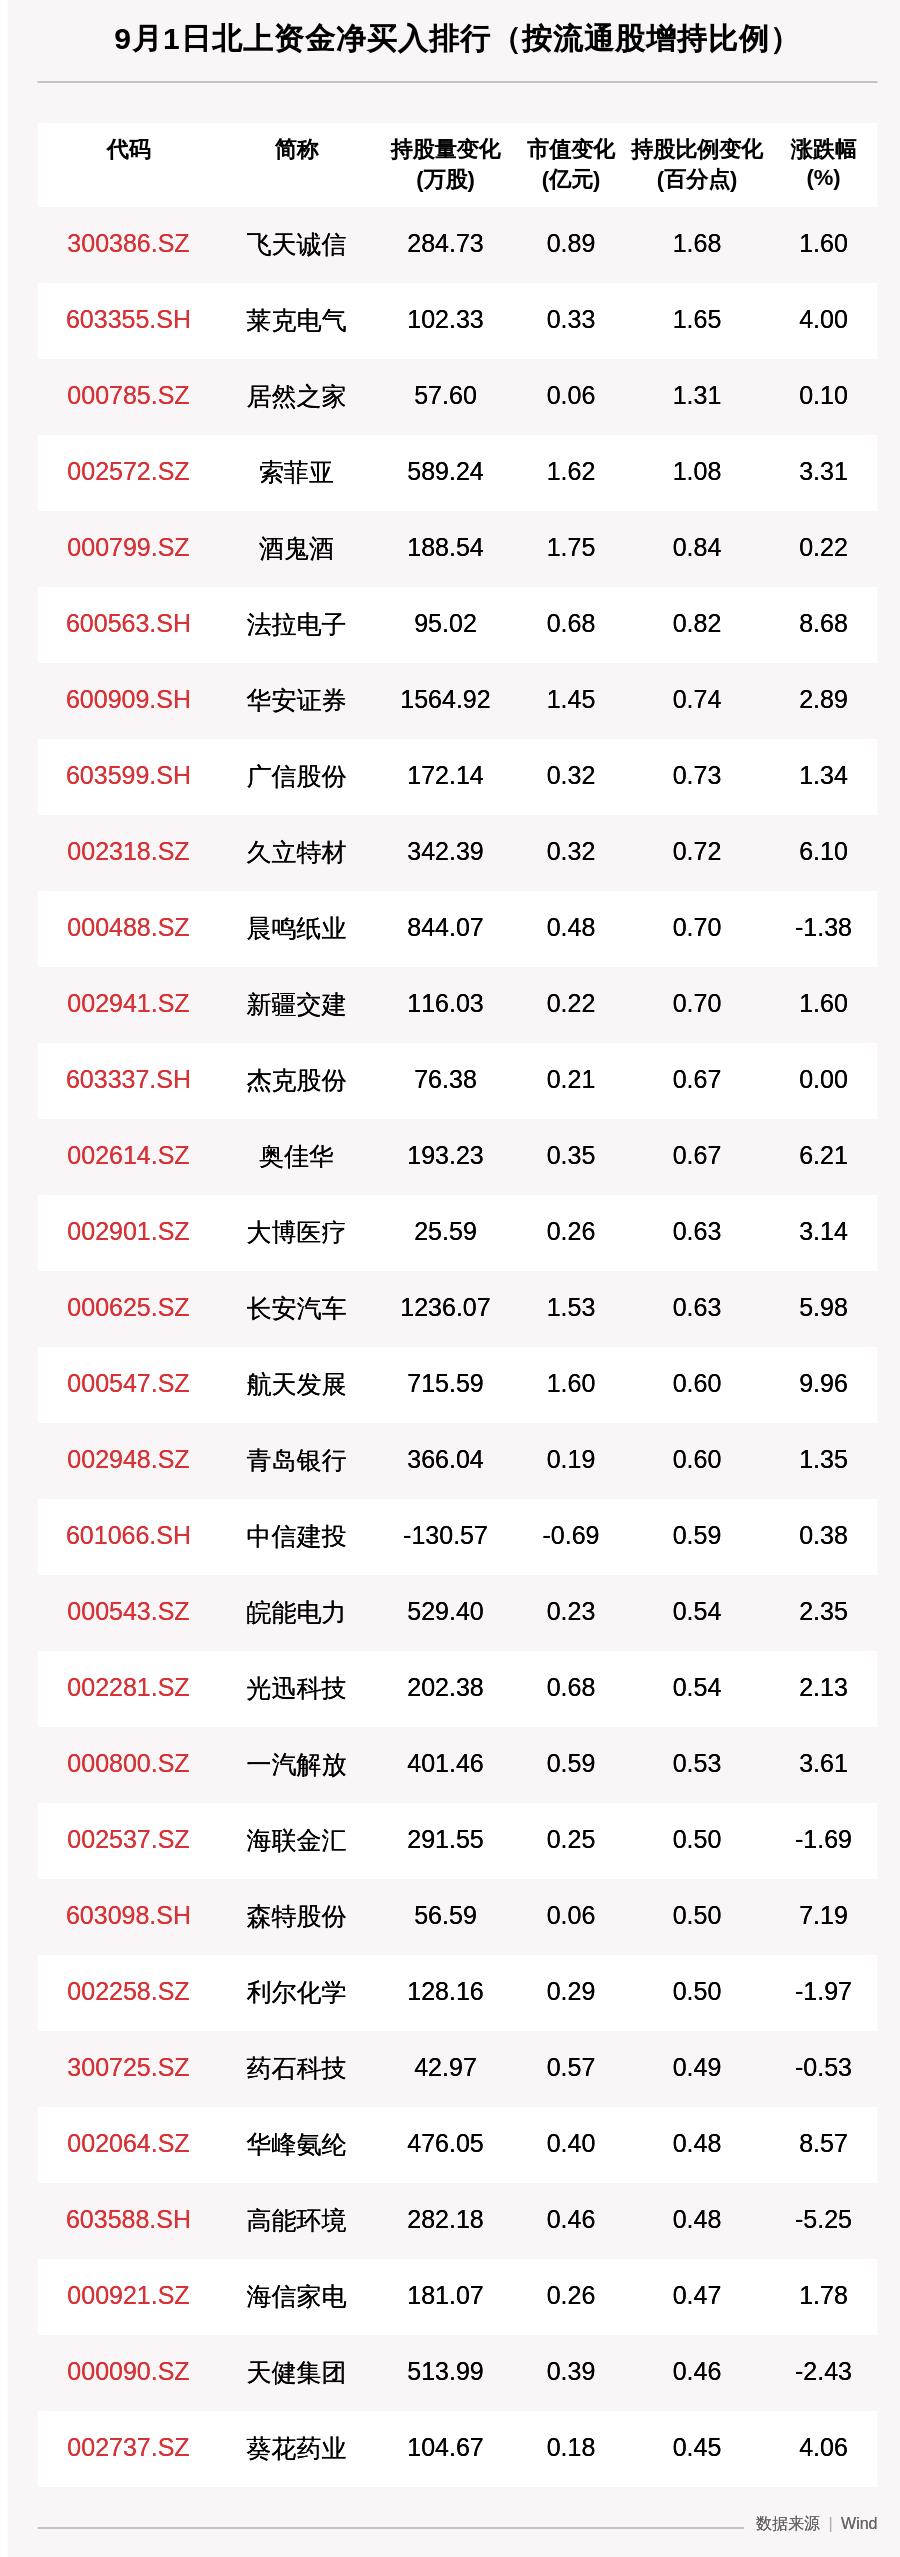 北向资金动向曝光:9月1日这30只个股被猛烈扫货(附名单),这只个股增持市值近7亿元